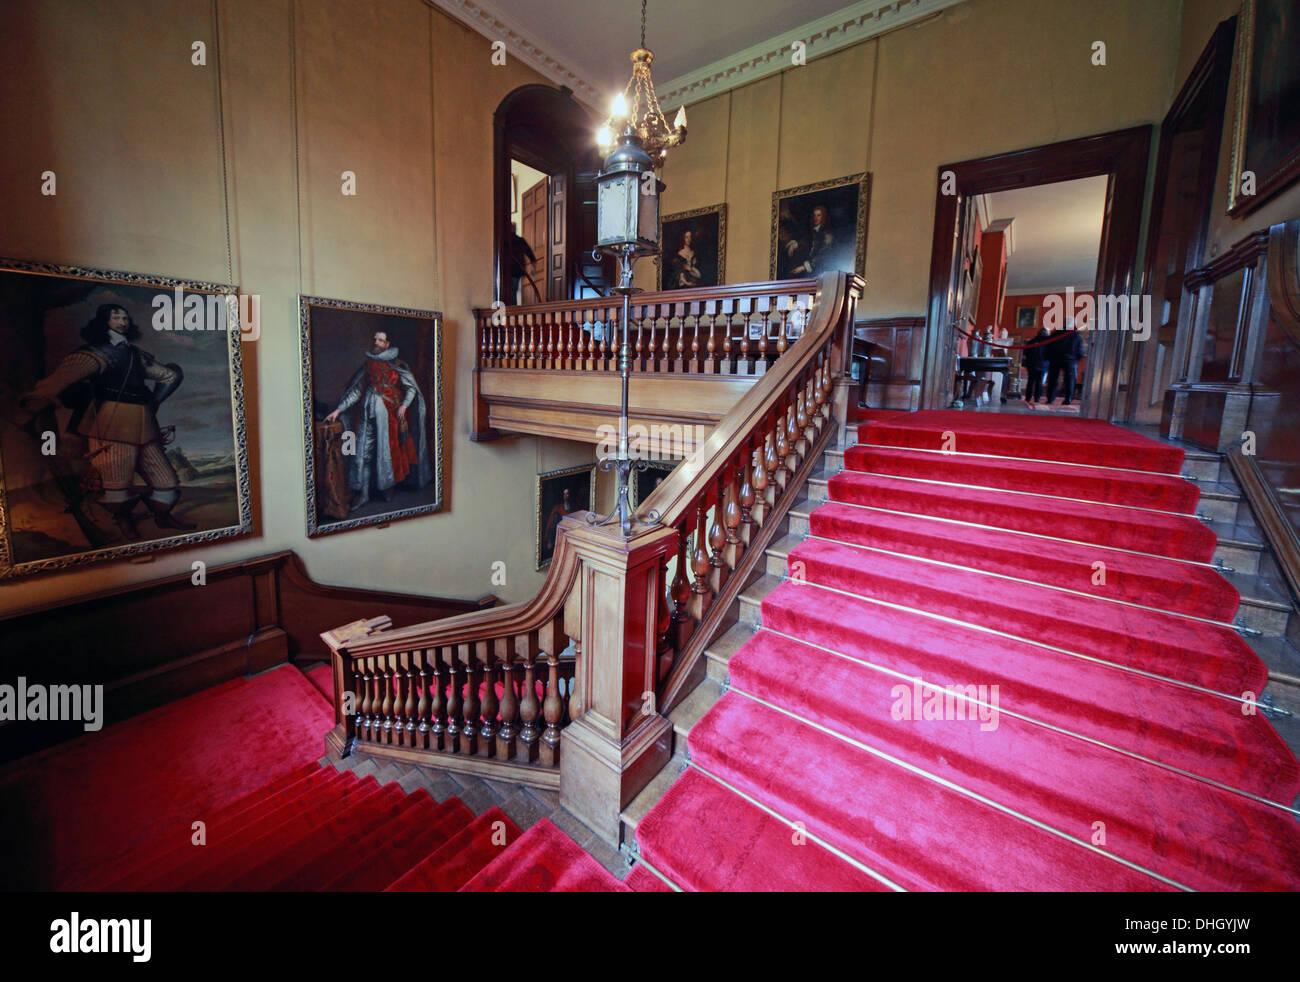 Laden Sie dieses Alamy Stockfoto Treppe in der Halle Dunham Massey Haus NT in der Nähe von Altrincham, Cheshire England UK WA14 4SJ - DHGYJW